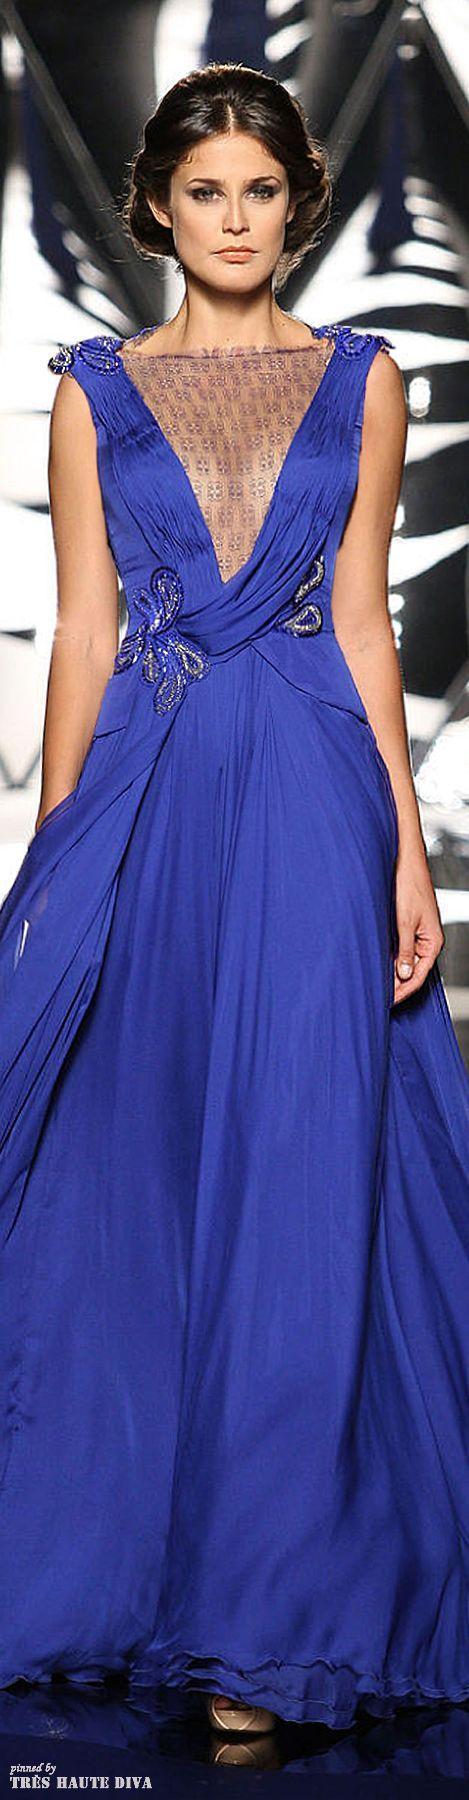 Blaue Hochzeit - Schöne Kleider ...... Blues #2141271 - Weddbook